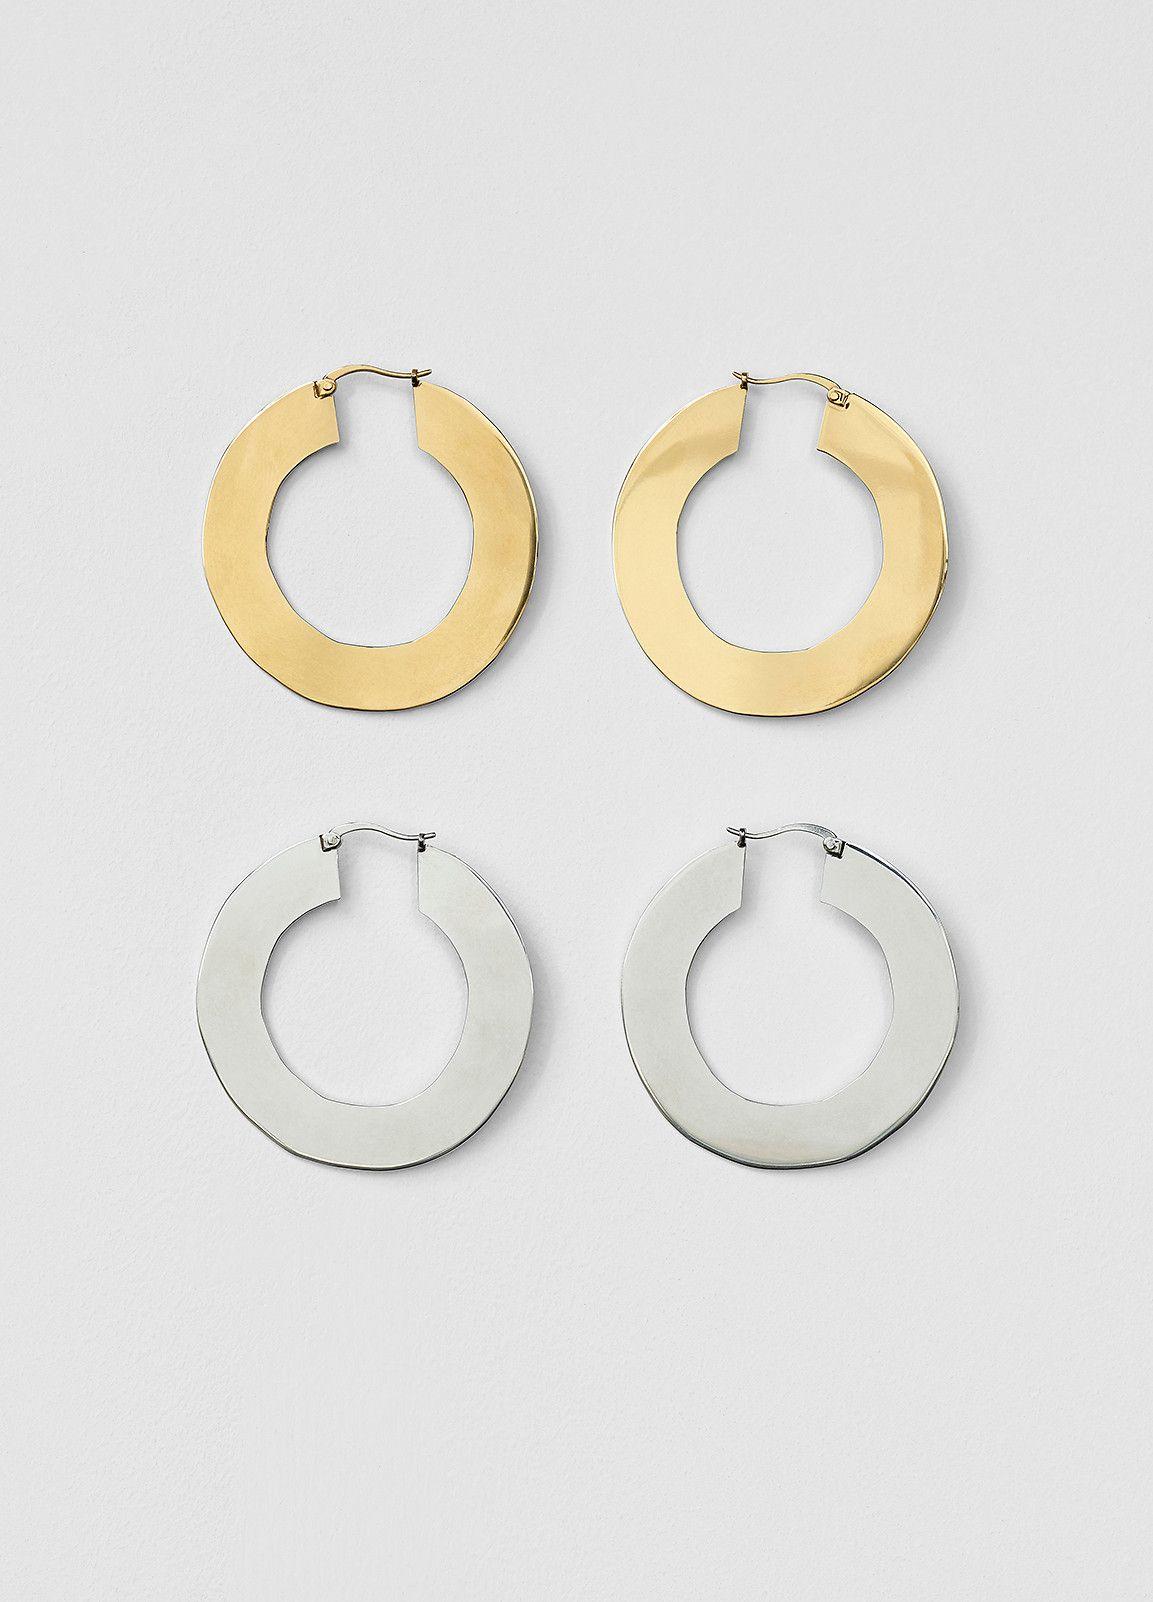 24 Earring Wire Jigs - WIRING INFO •